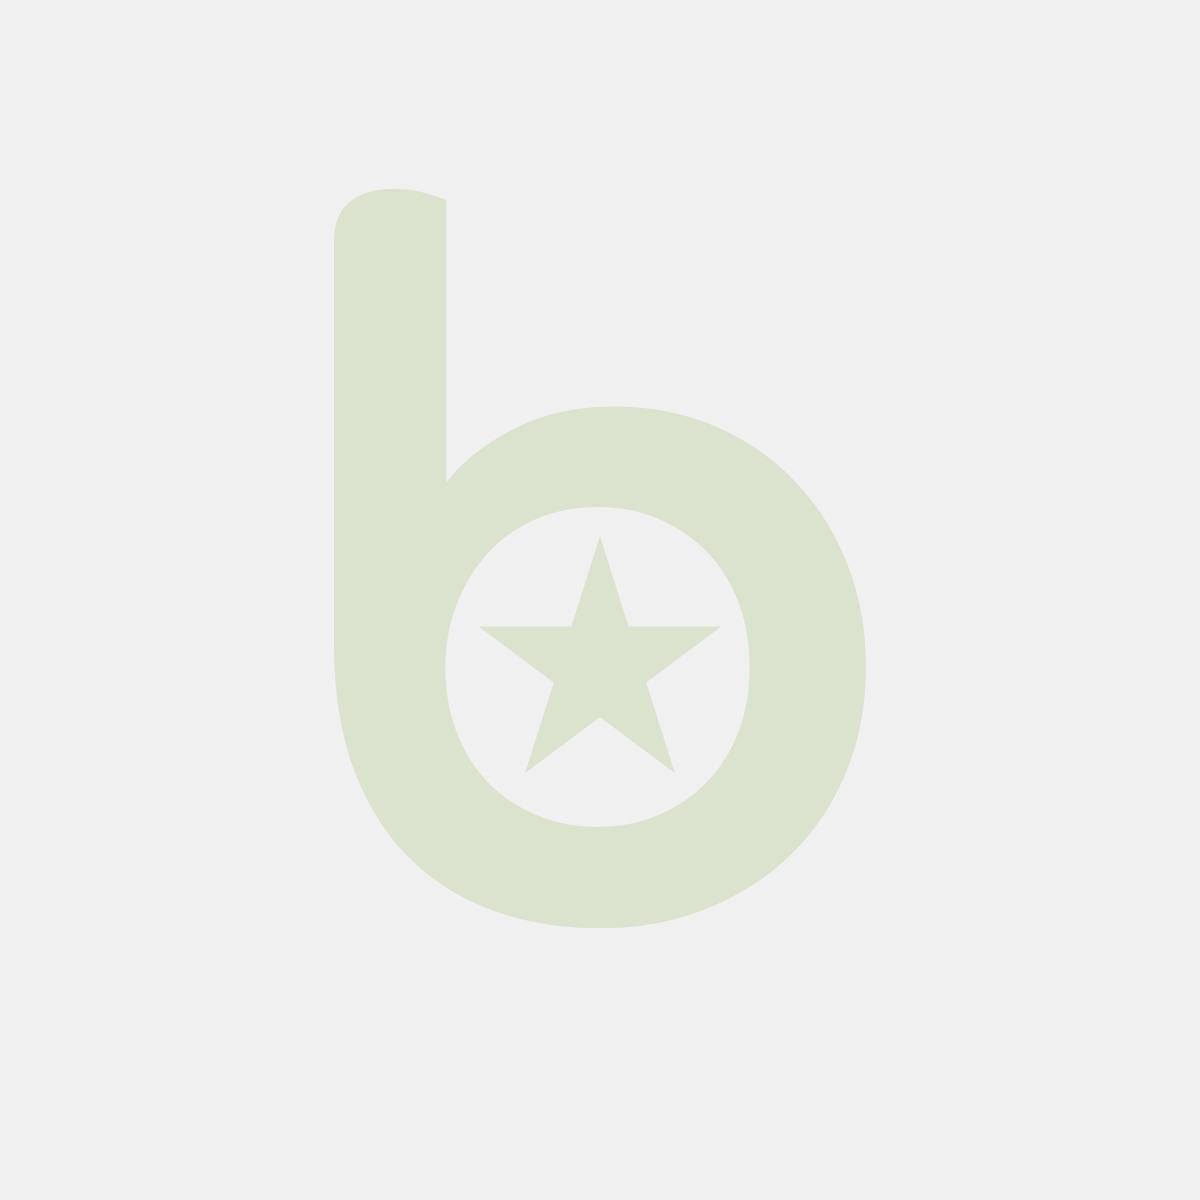 Kapelusz - melonik z brokatem srebrny, cena za 1 sztukę